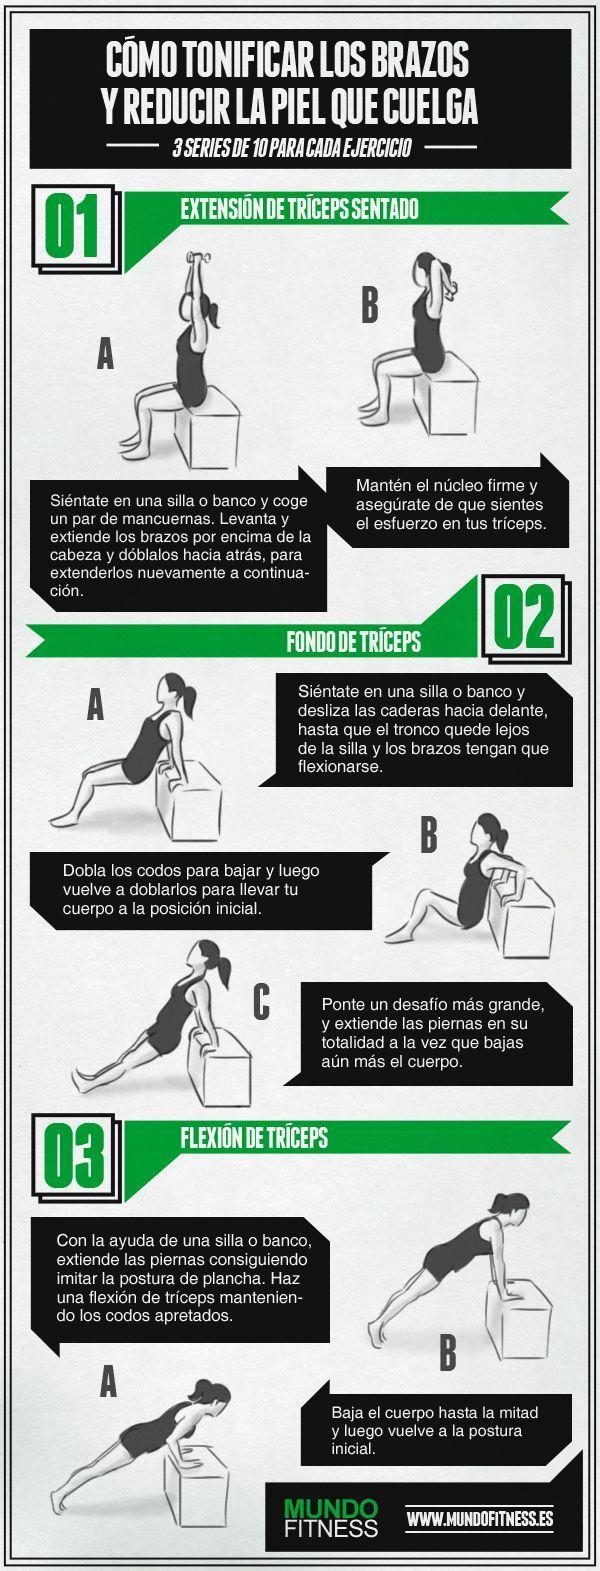 3 ejercicios sencillos para tonificar los brazos. #fitness #hiit